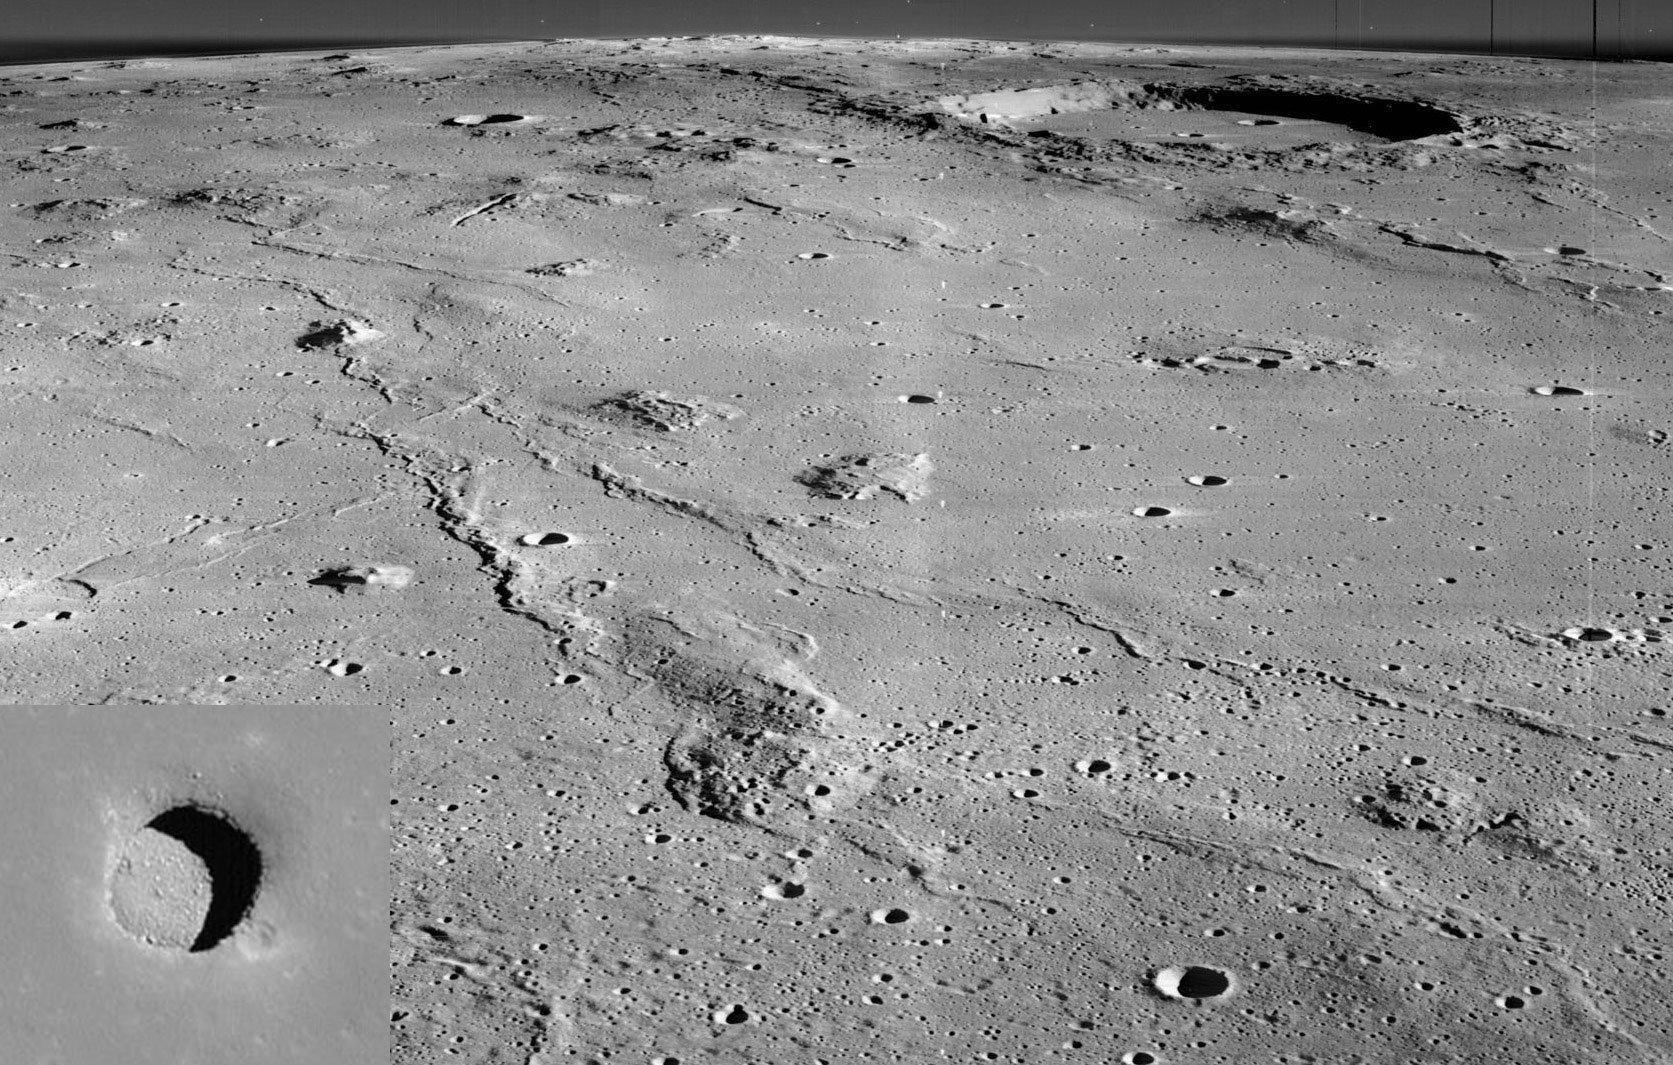 Fotografía de las colinas Marius con sus posibles oquedades